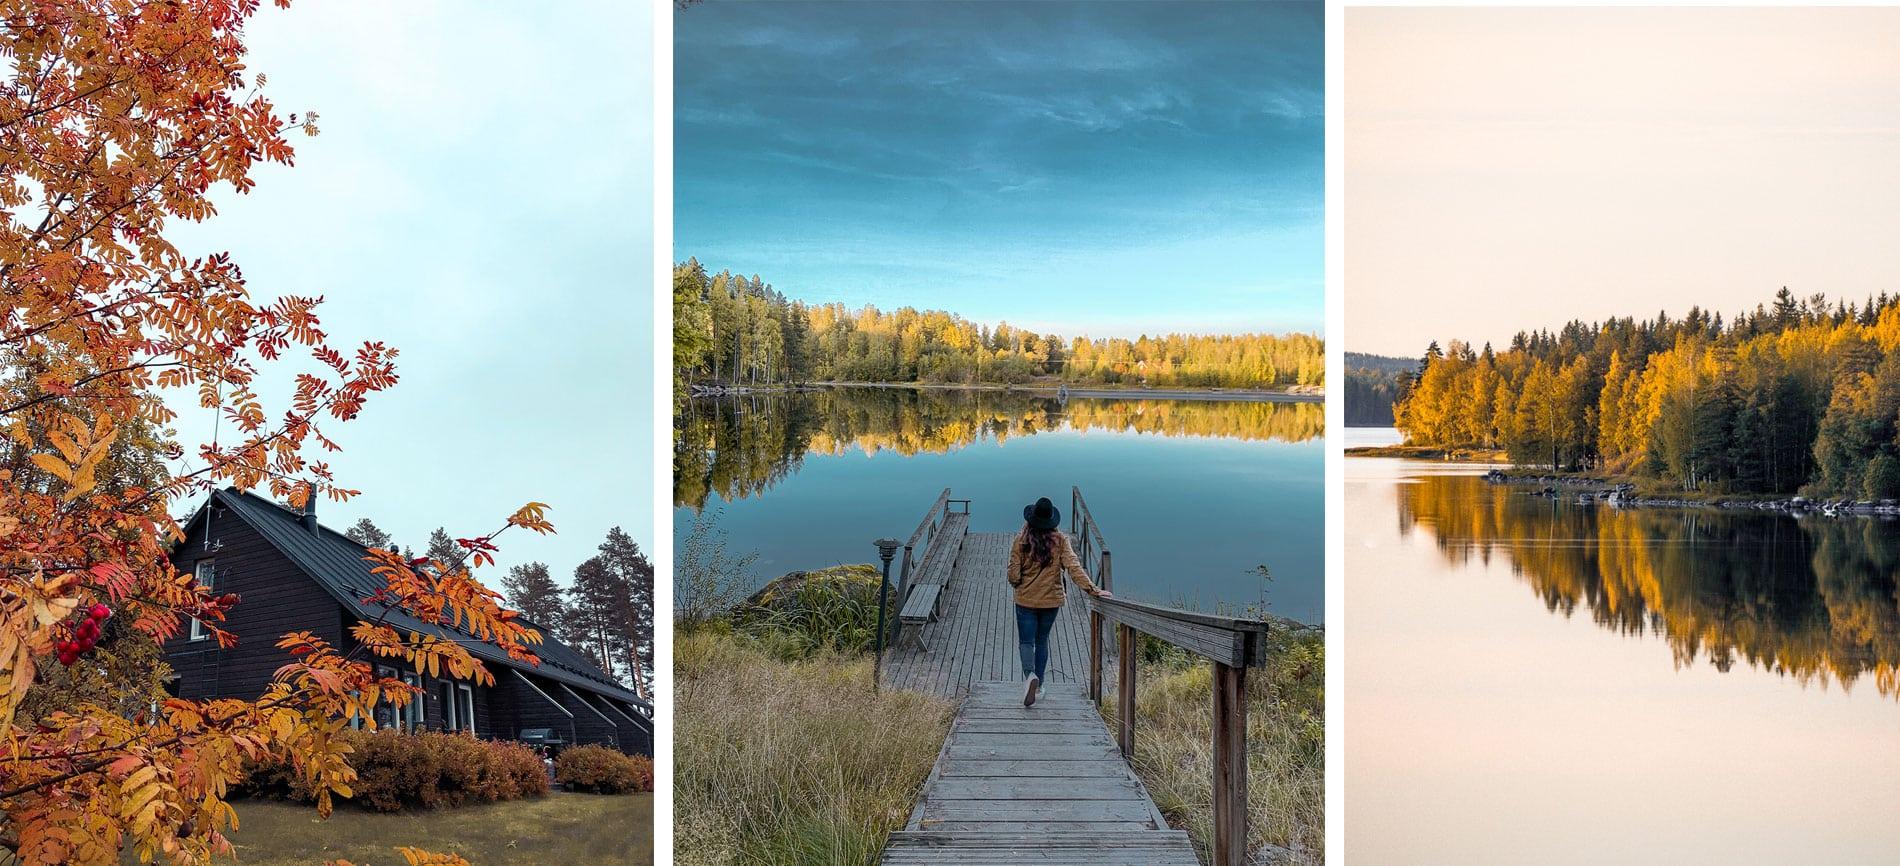 Finlande | région grands lacs |automne